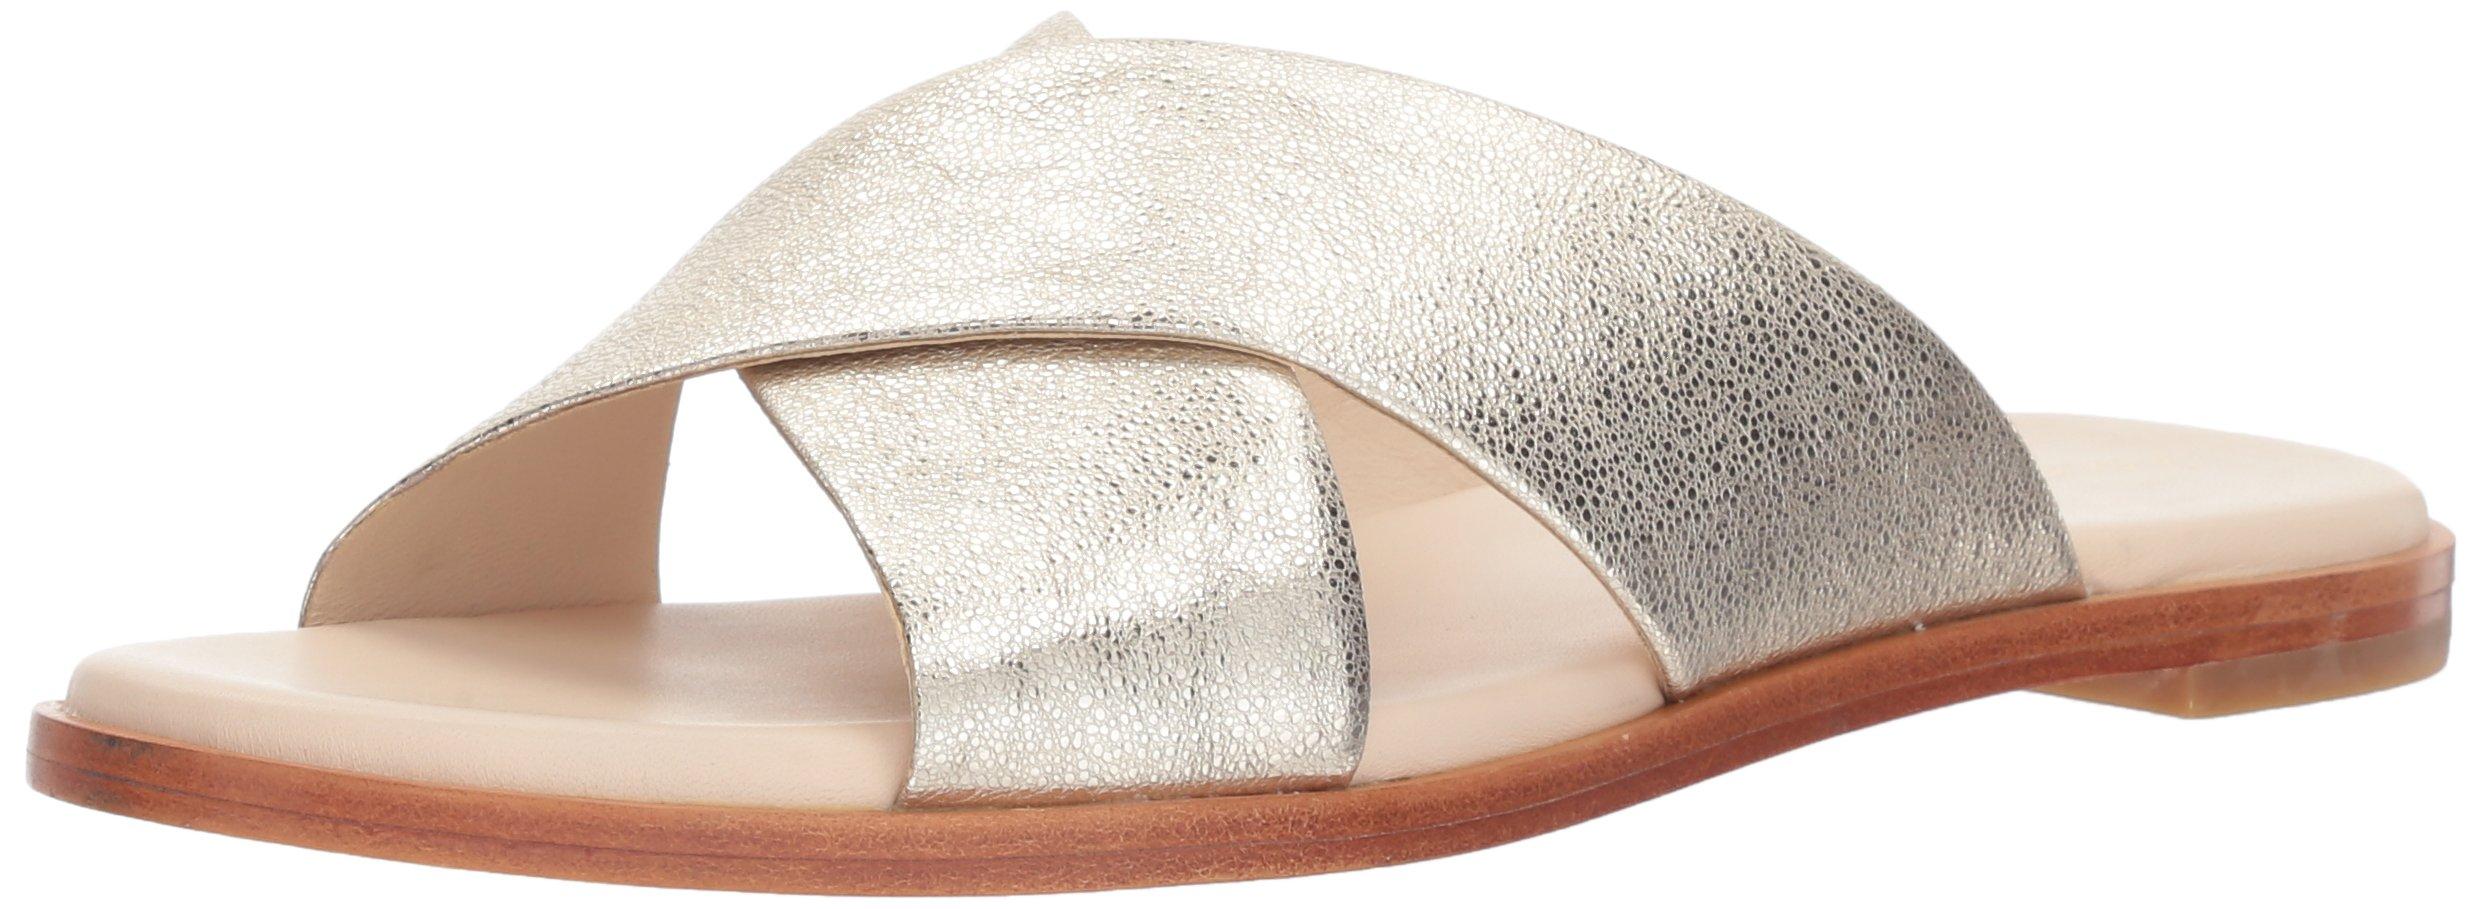 Cole Haan Women's Anica Criss Cross Sandal, Silver Glitter, 9.5 B US